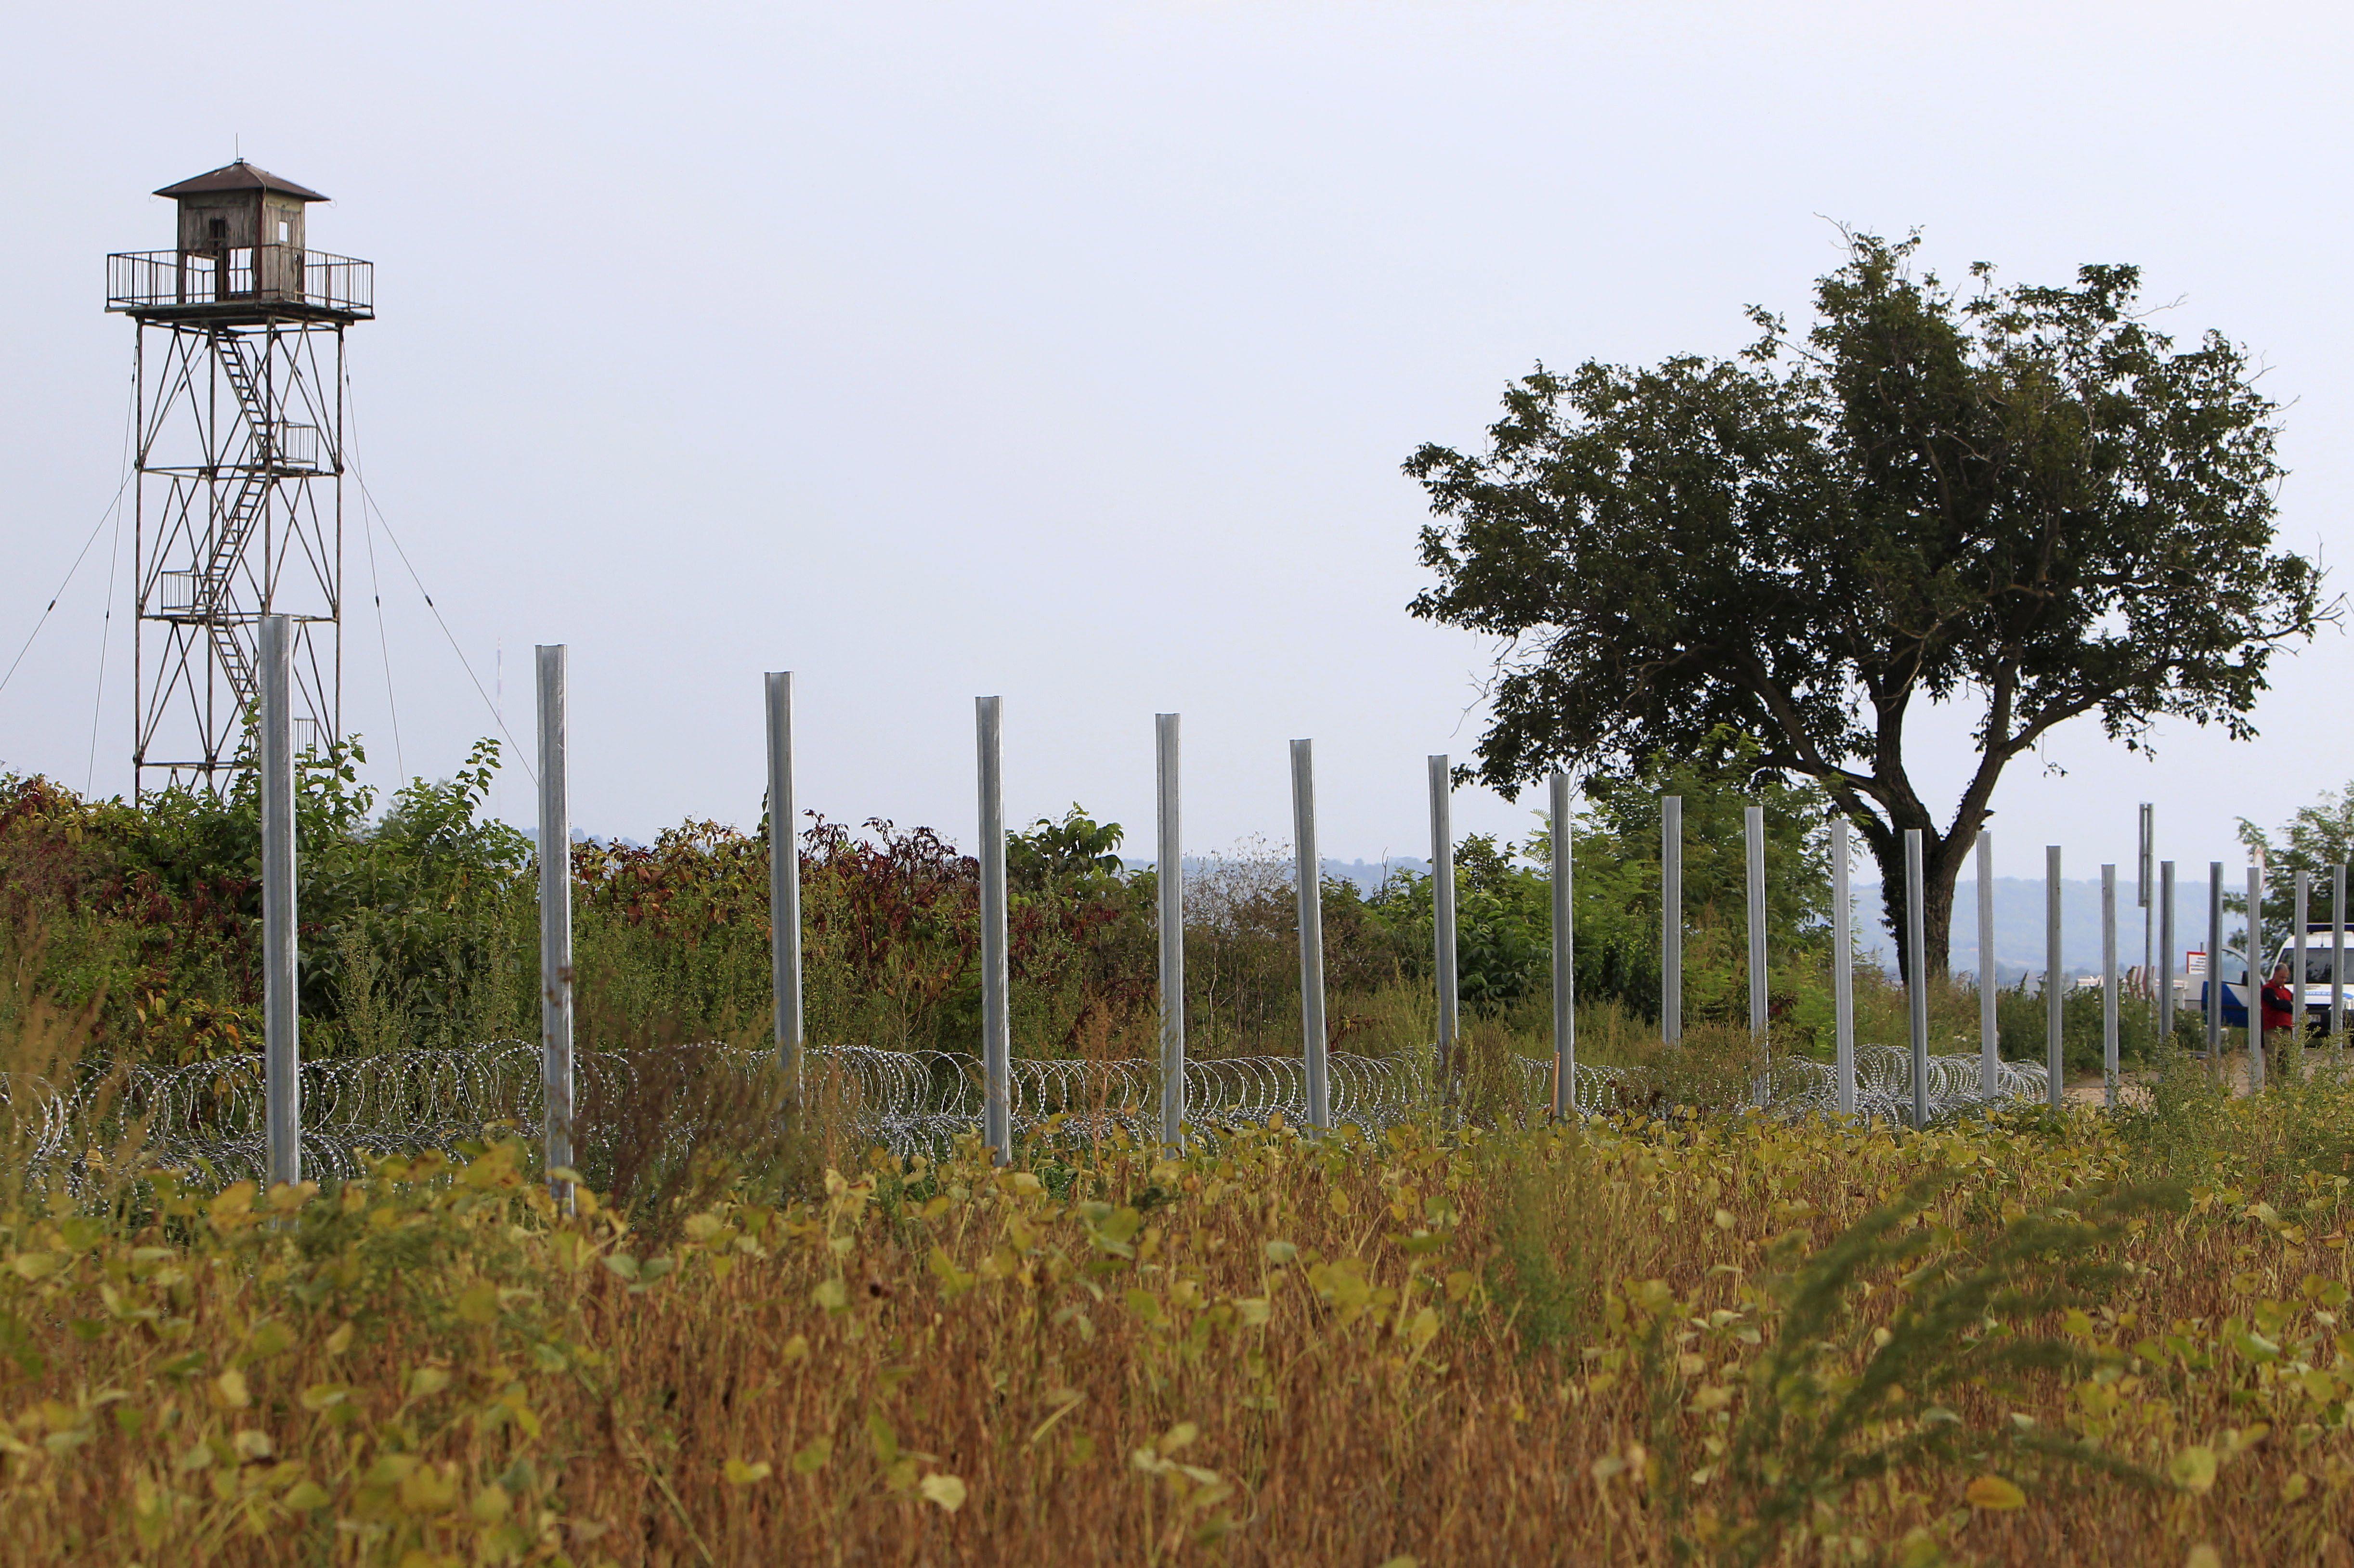 Crise des migrants : la Hongrie ferme sa frontière avec la Croatie